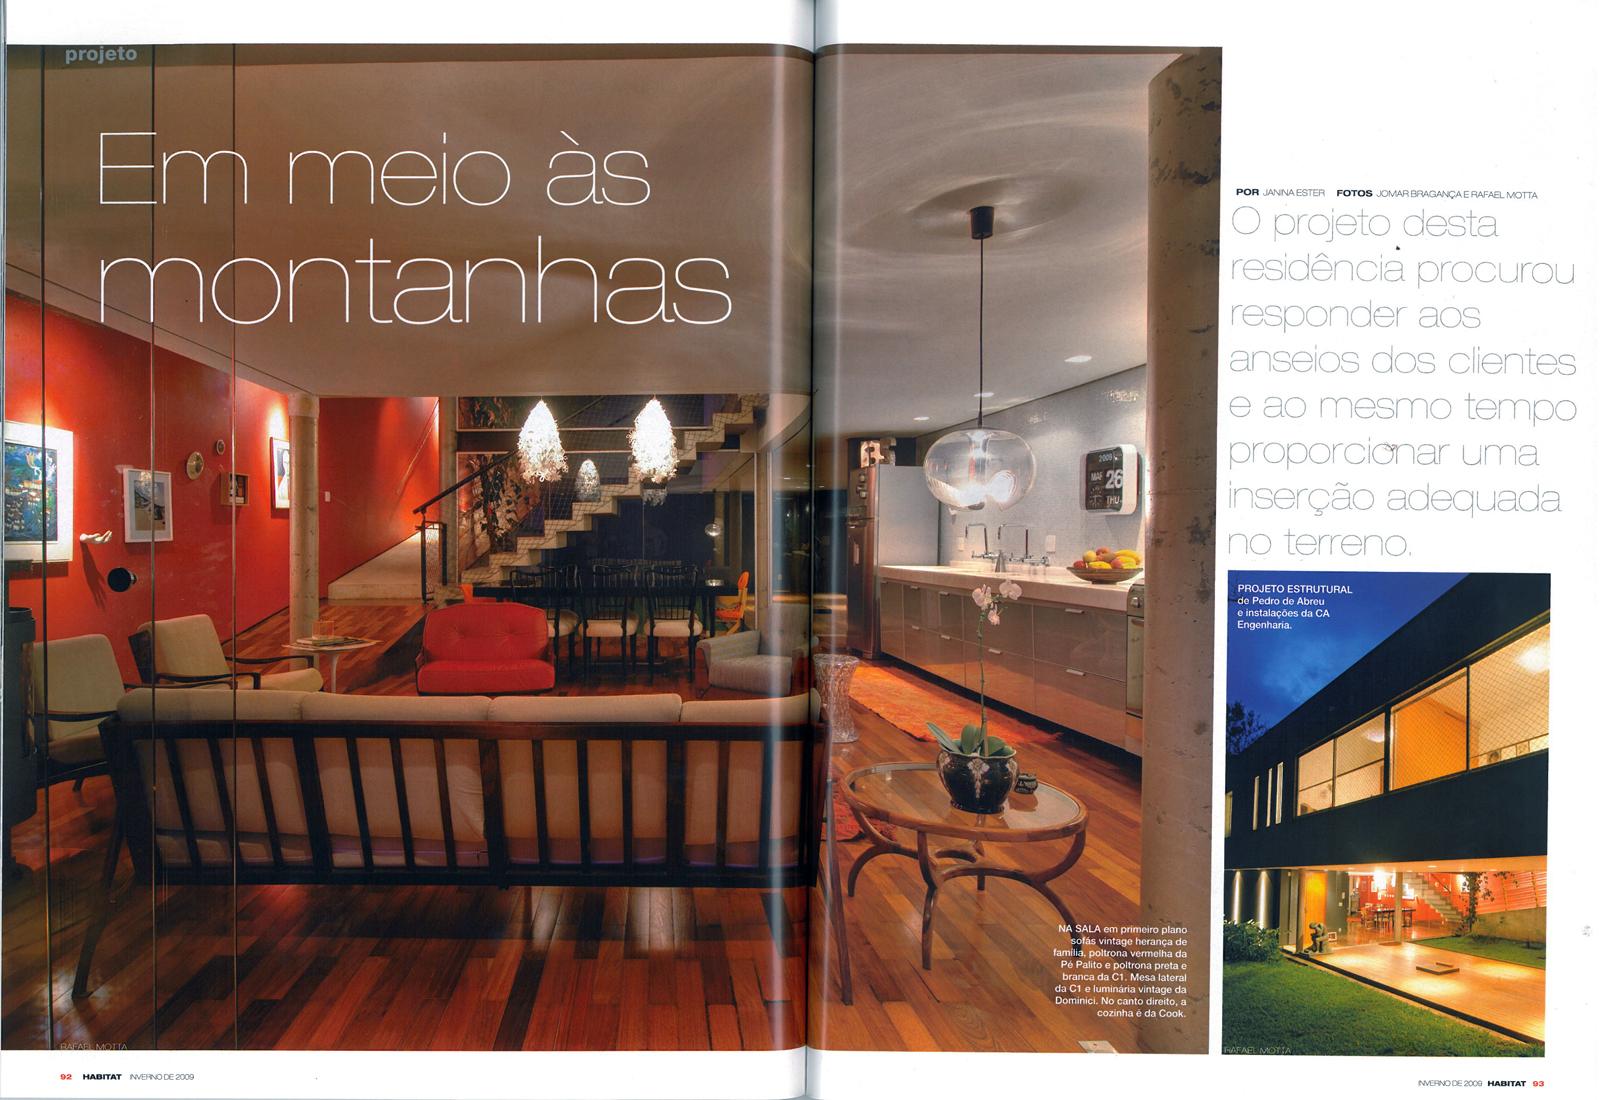 pagina01.jpg